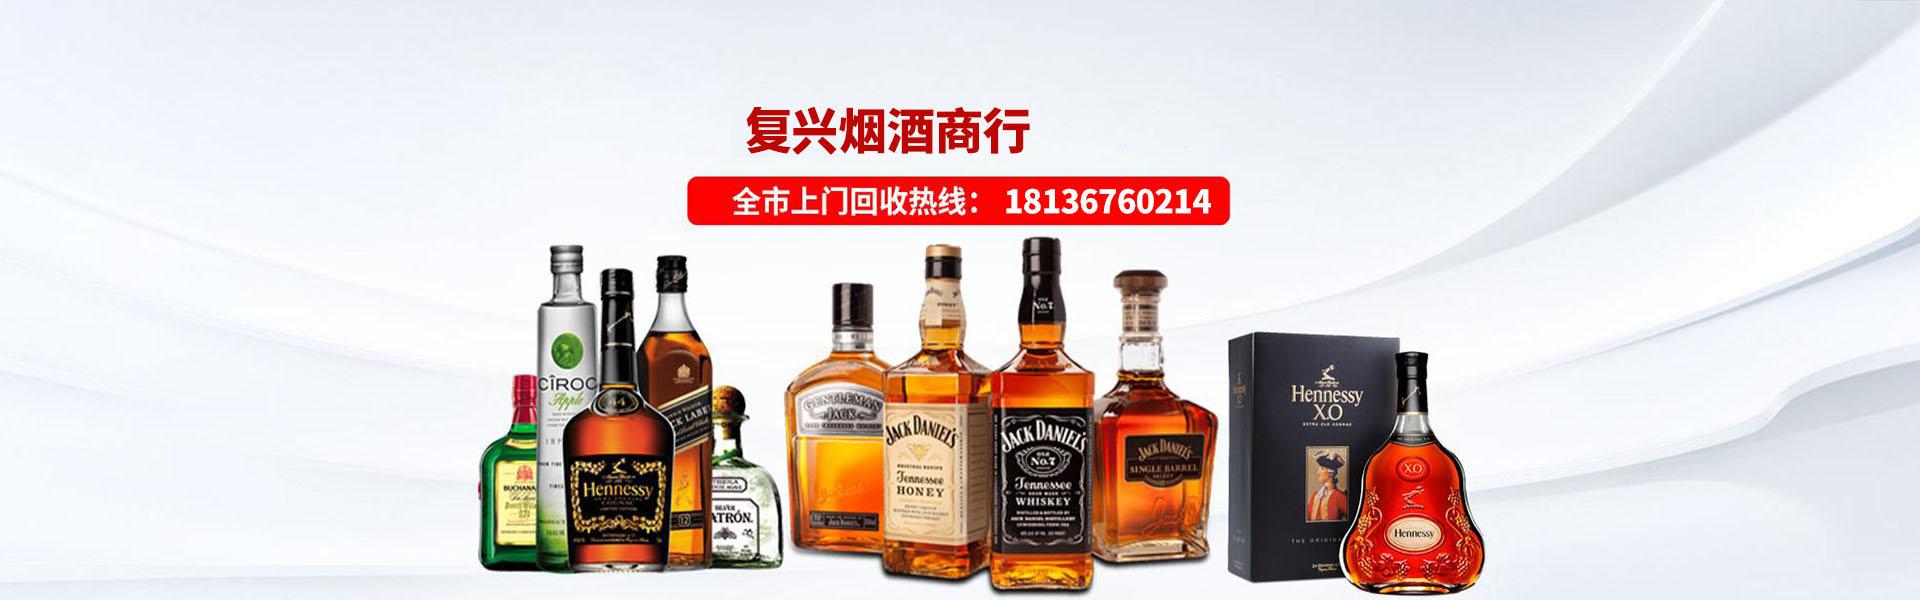 吴江五粮液回收价格